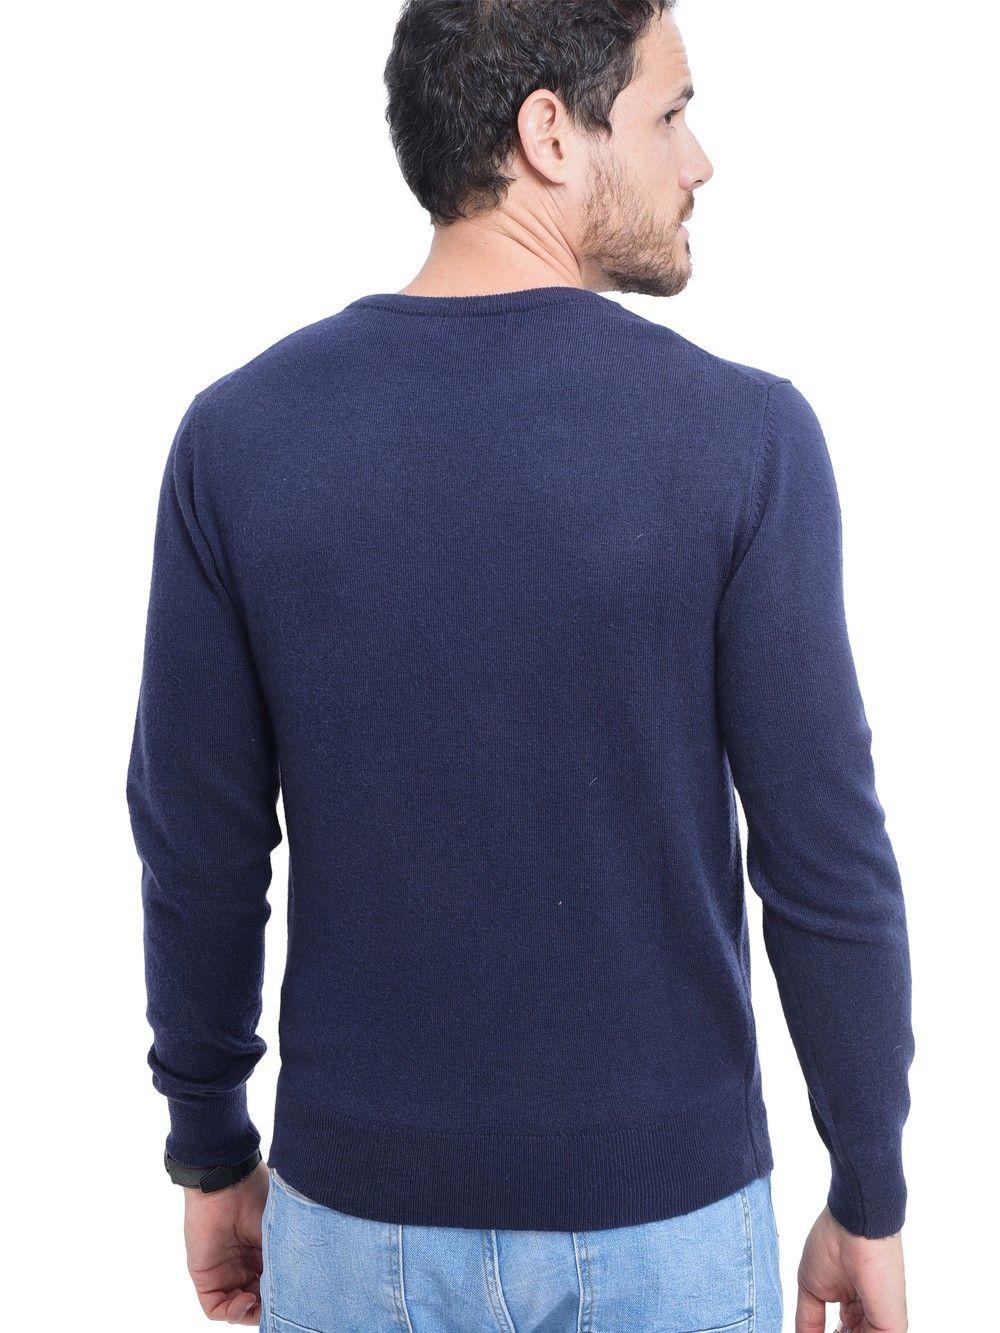 C&JO Round Neck Sweater in Navy